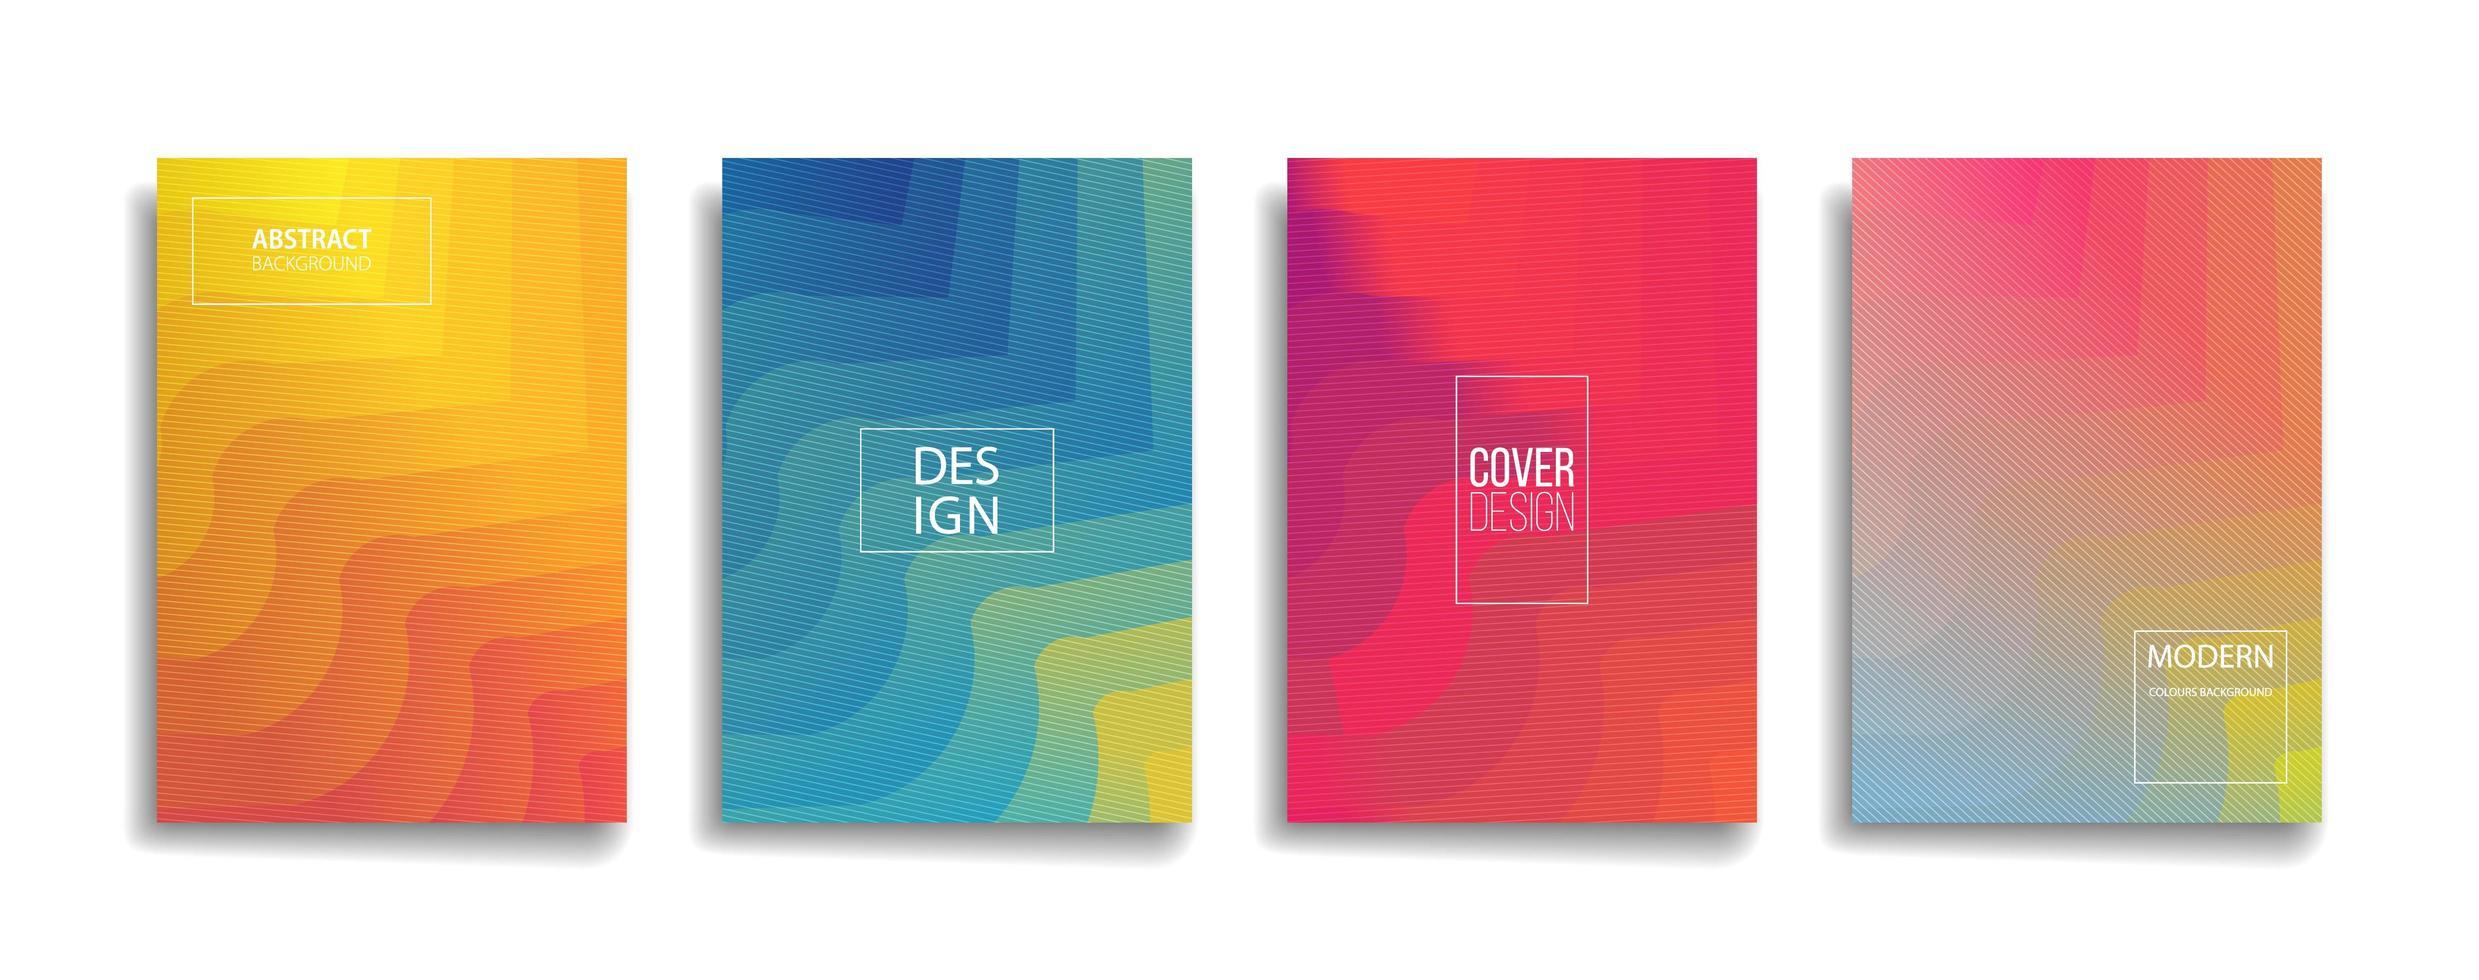 diseño de portada de fondo de patrón de línea abstracta de color degradado brillante vector